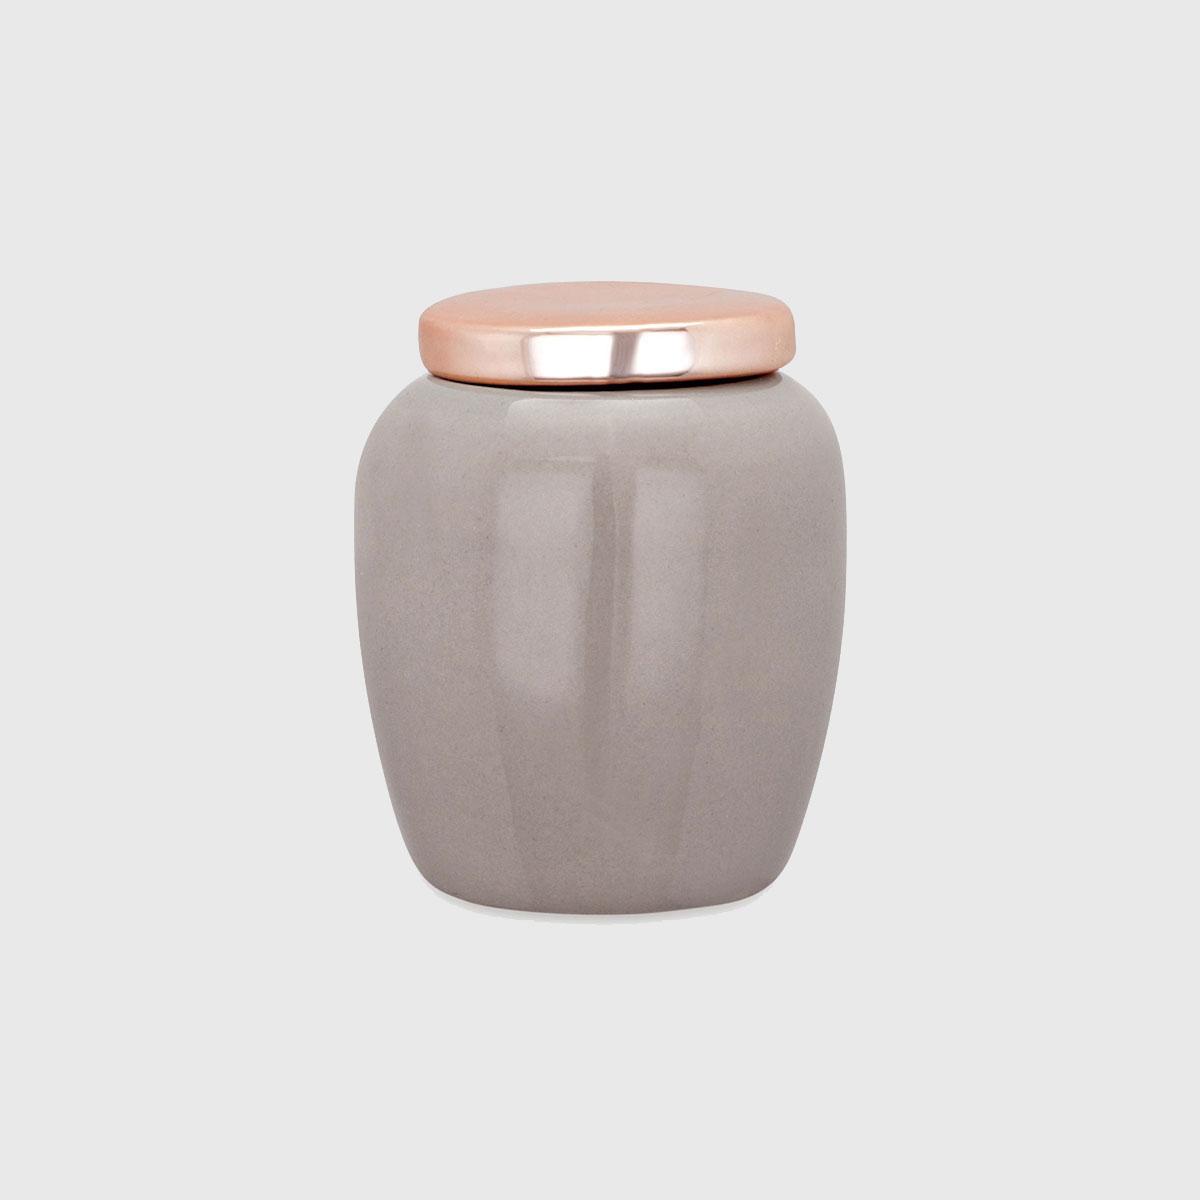 Kit Pote Cinza E Rose Golde Em Cerâmica